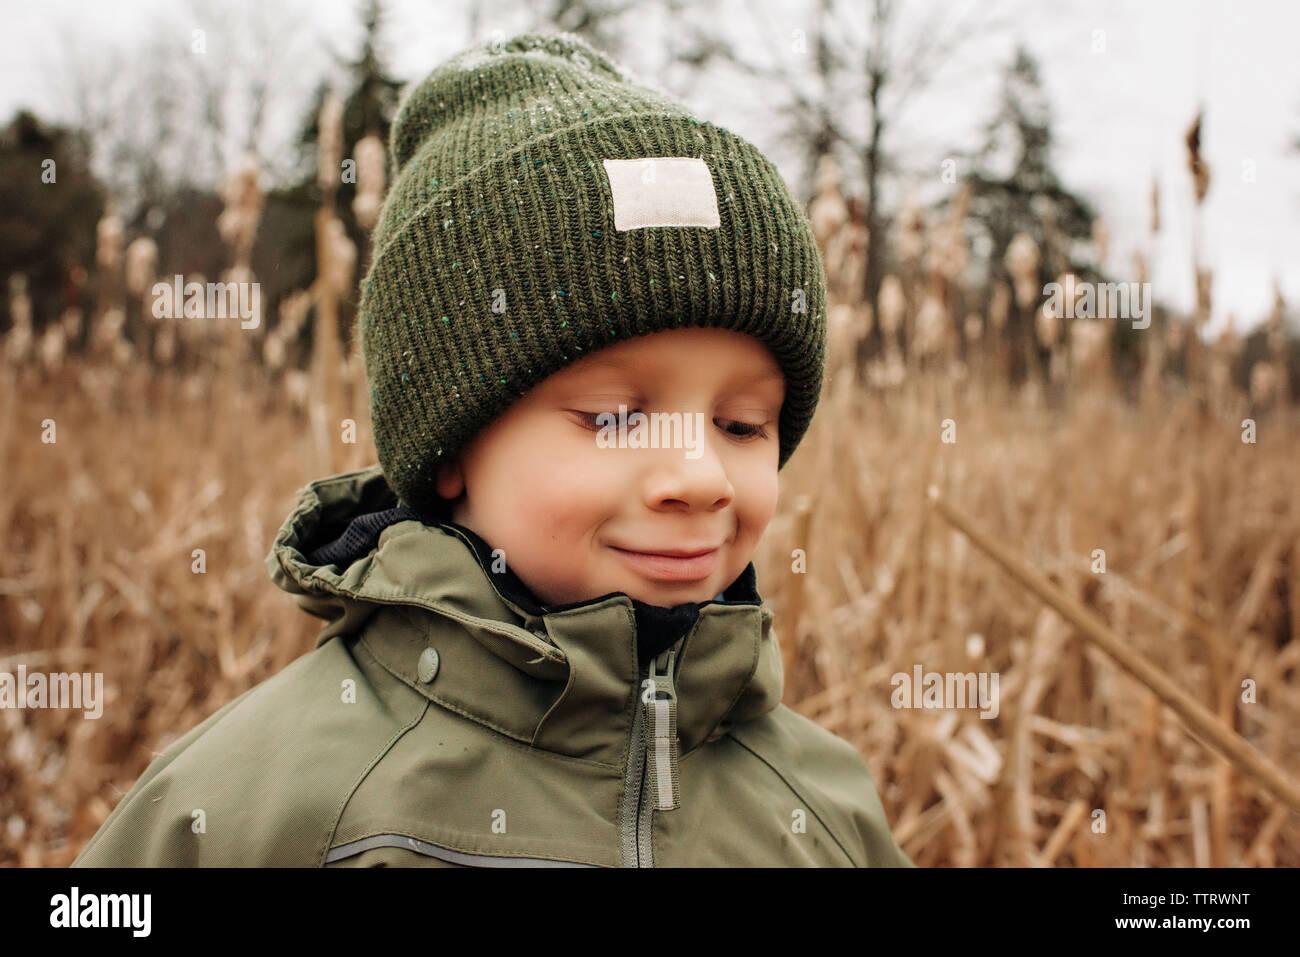 Portrait of young boy smiling en hiver avec chapeau et manteau dans la neige Banque D'Images